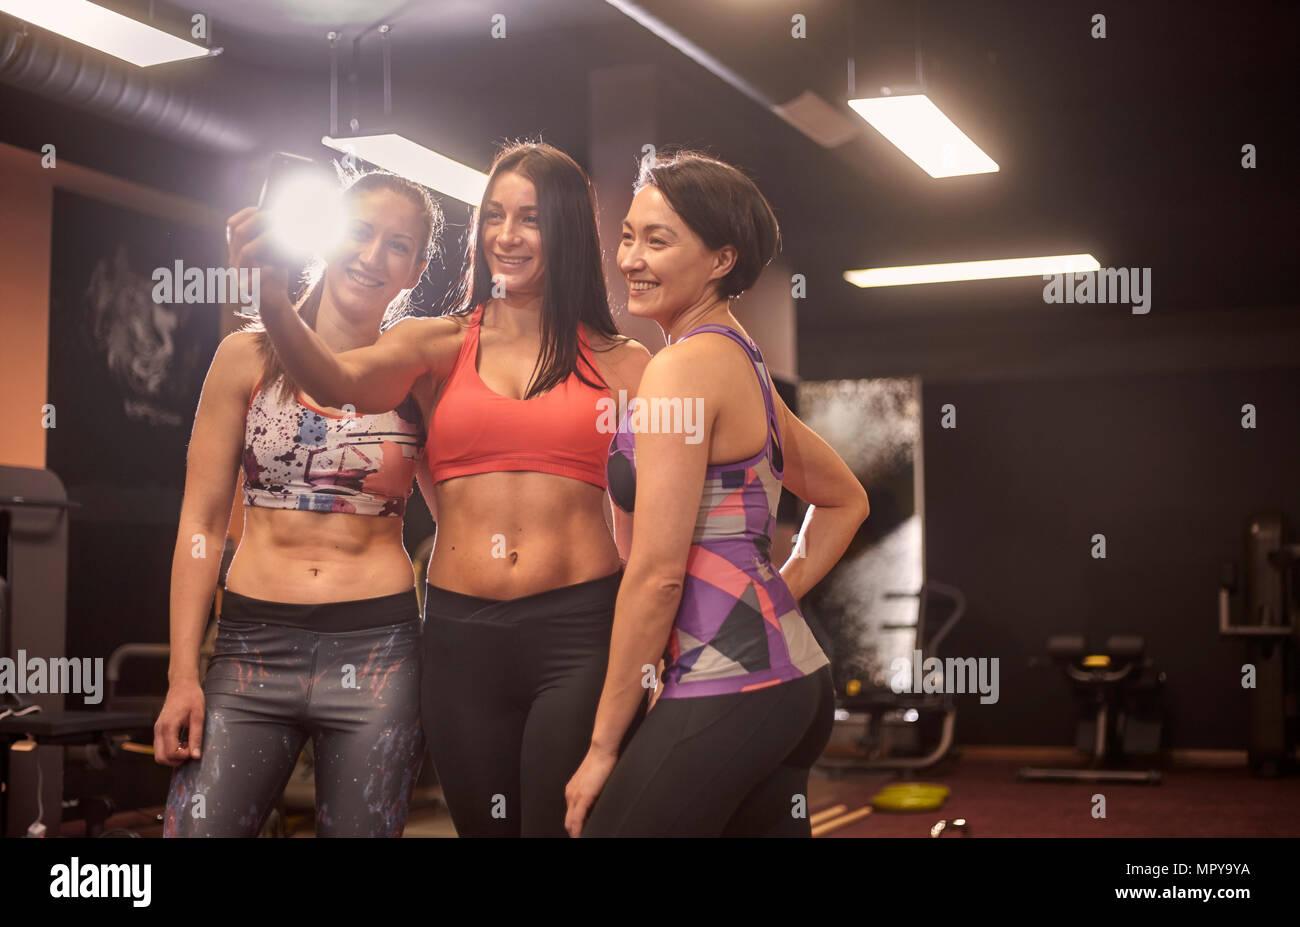 Certains amis féminins musculaire en tenant debout dans la salle de sport selfies Photo Stock